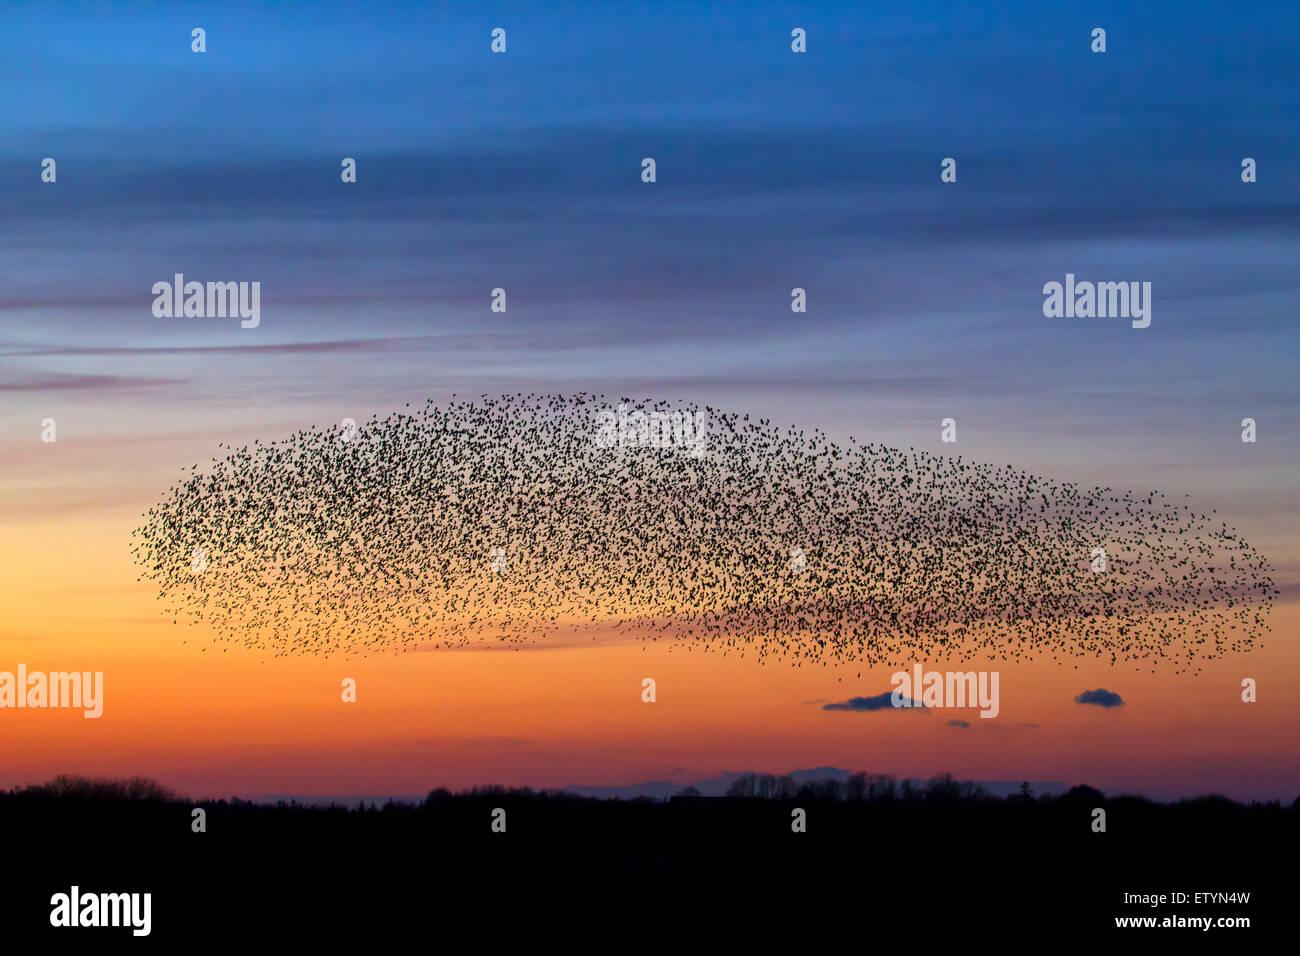 Unione starling murmuration / grande gregge di comune storni (sturnus vulgaris) in volo al tramonto Immagini Stock